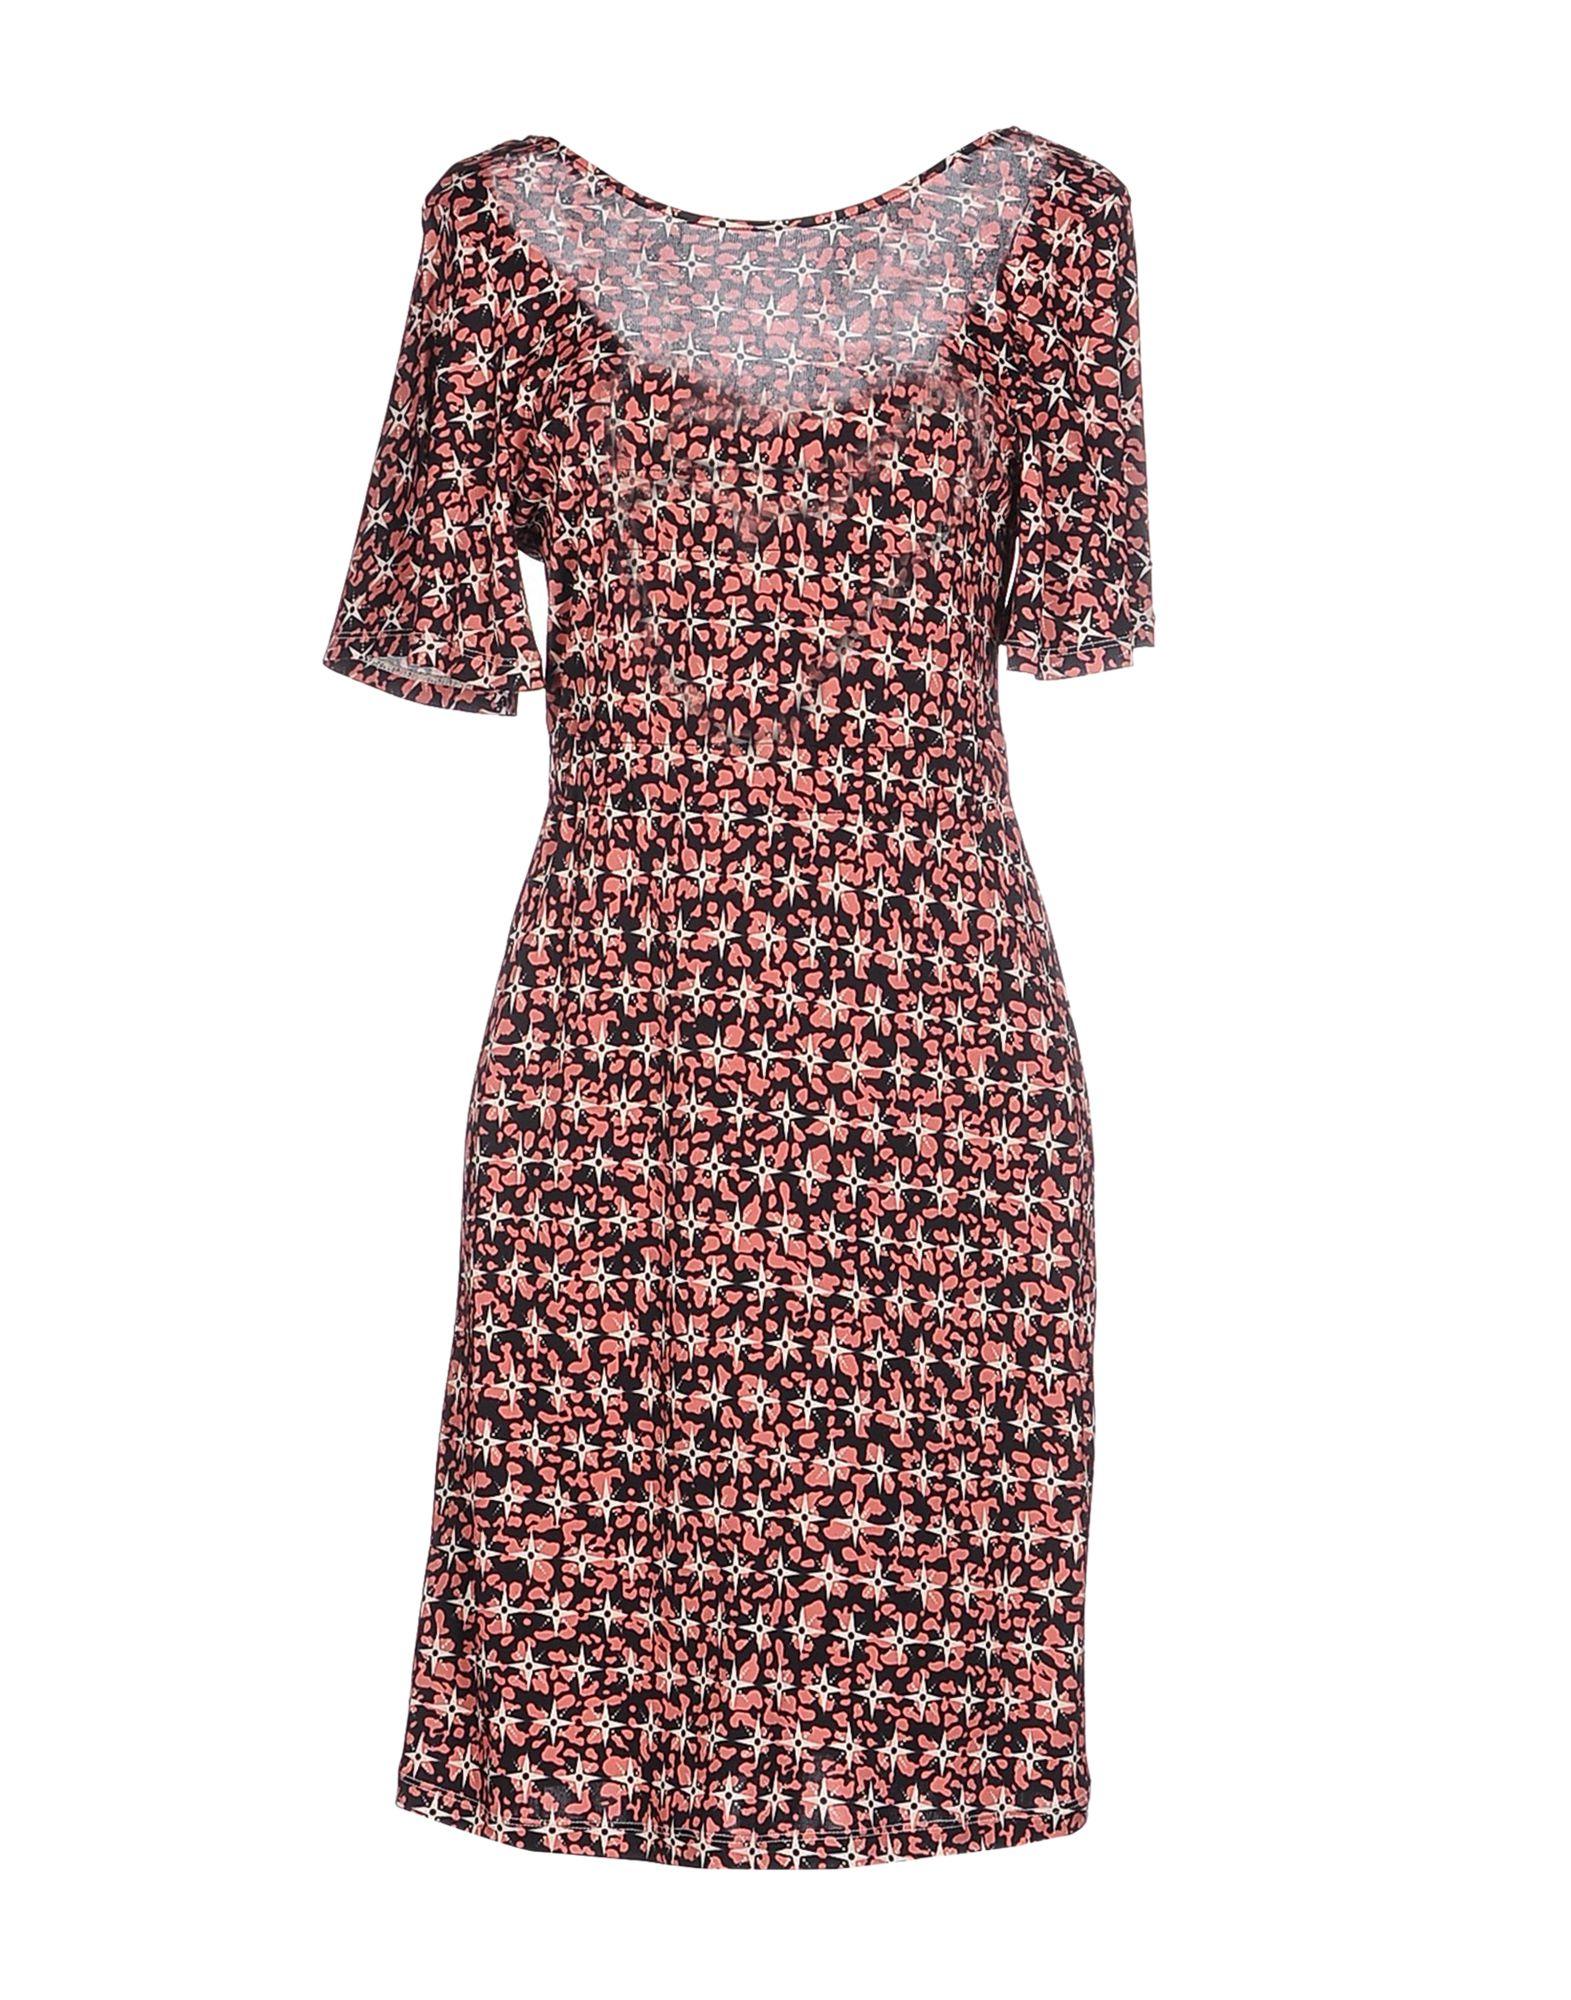 JUCCA Damen Kurzes Kleid Farbe Schwarz Größe 4